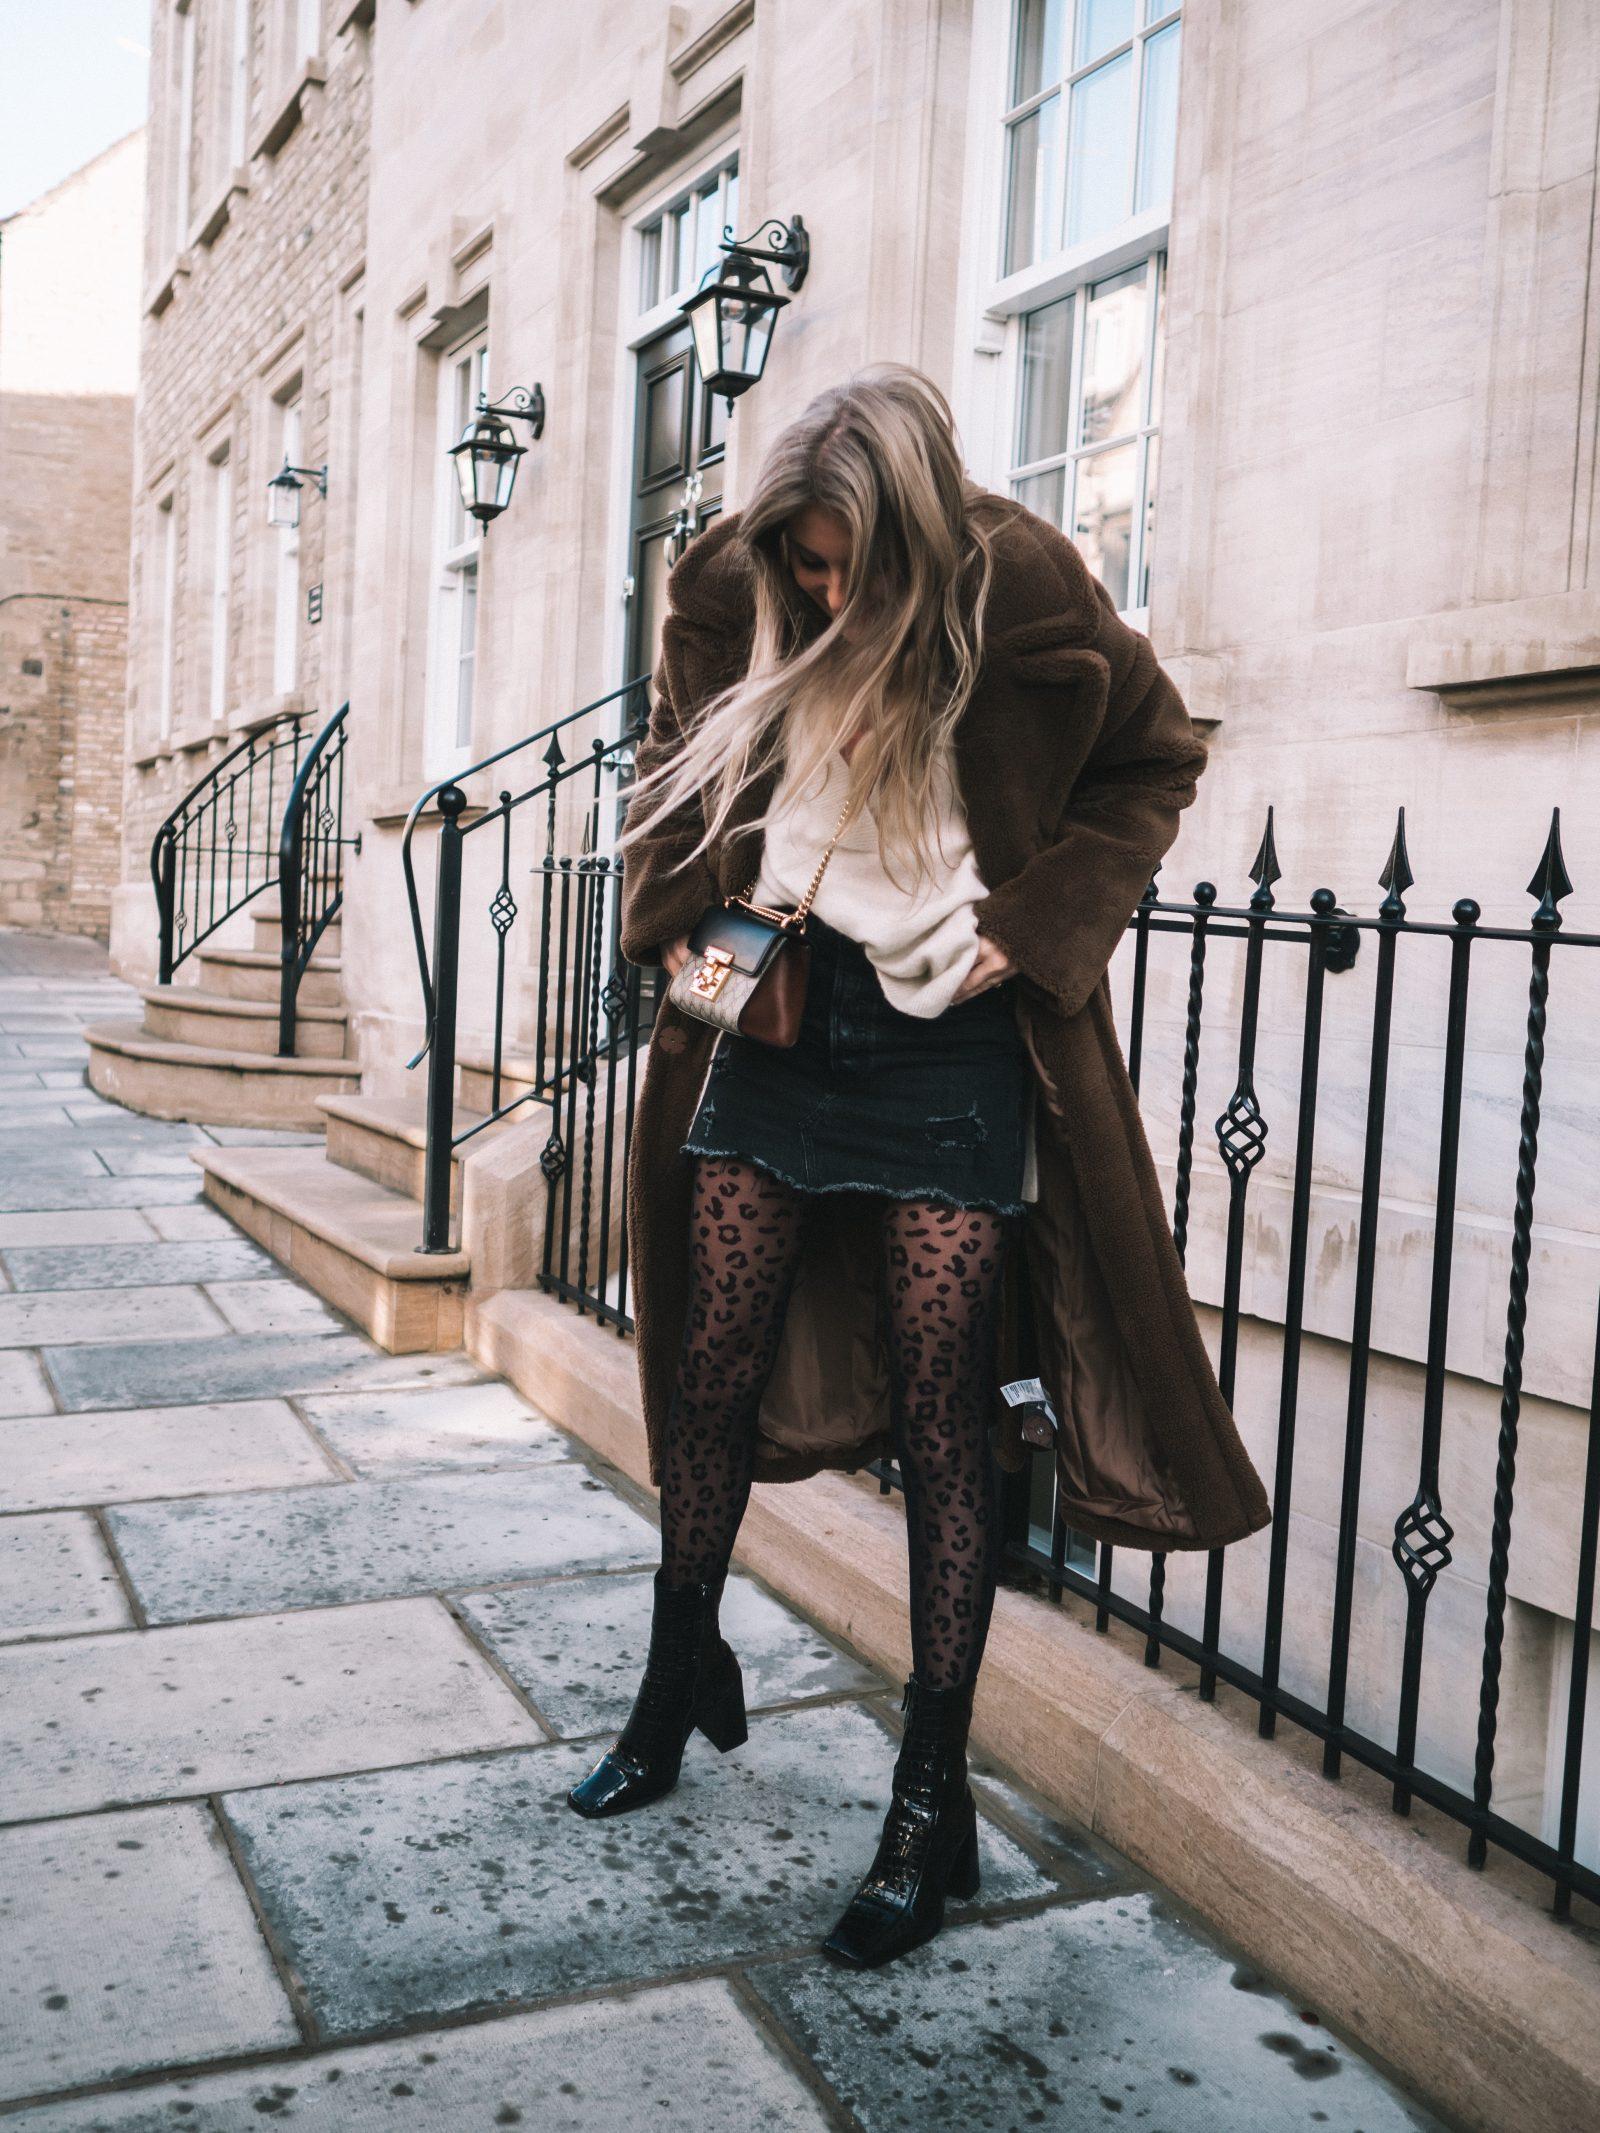 Warmest-Coat - Sinead Crowe Autumn Street Style